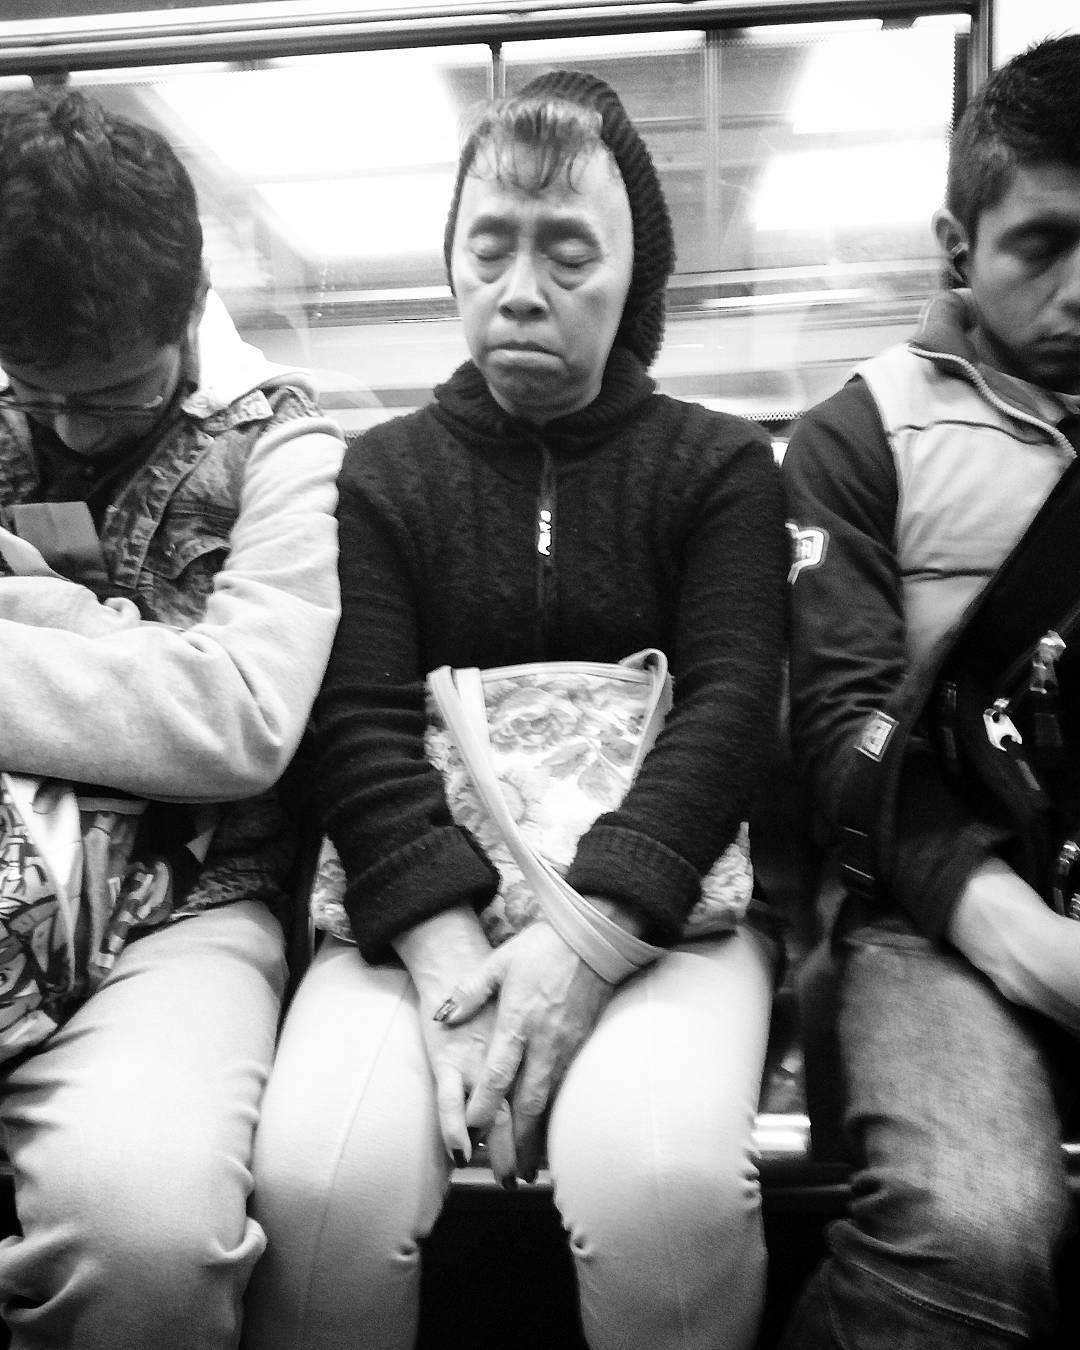 metro-series-a-dormir